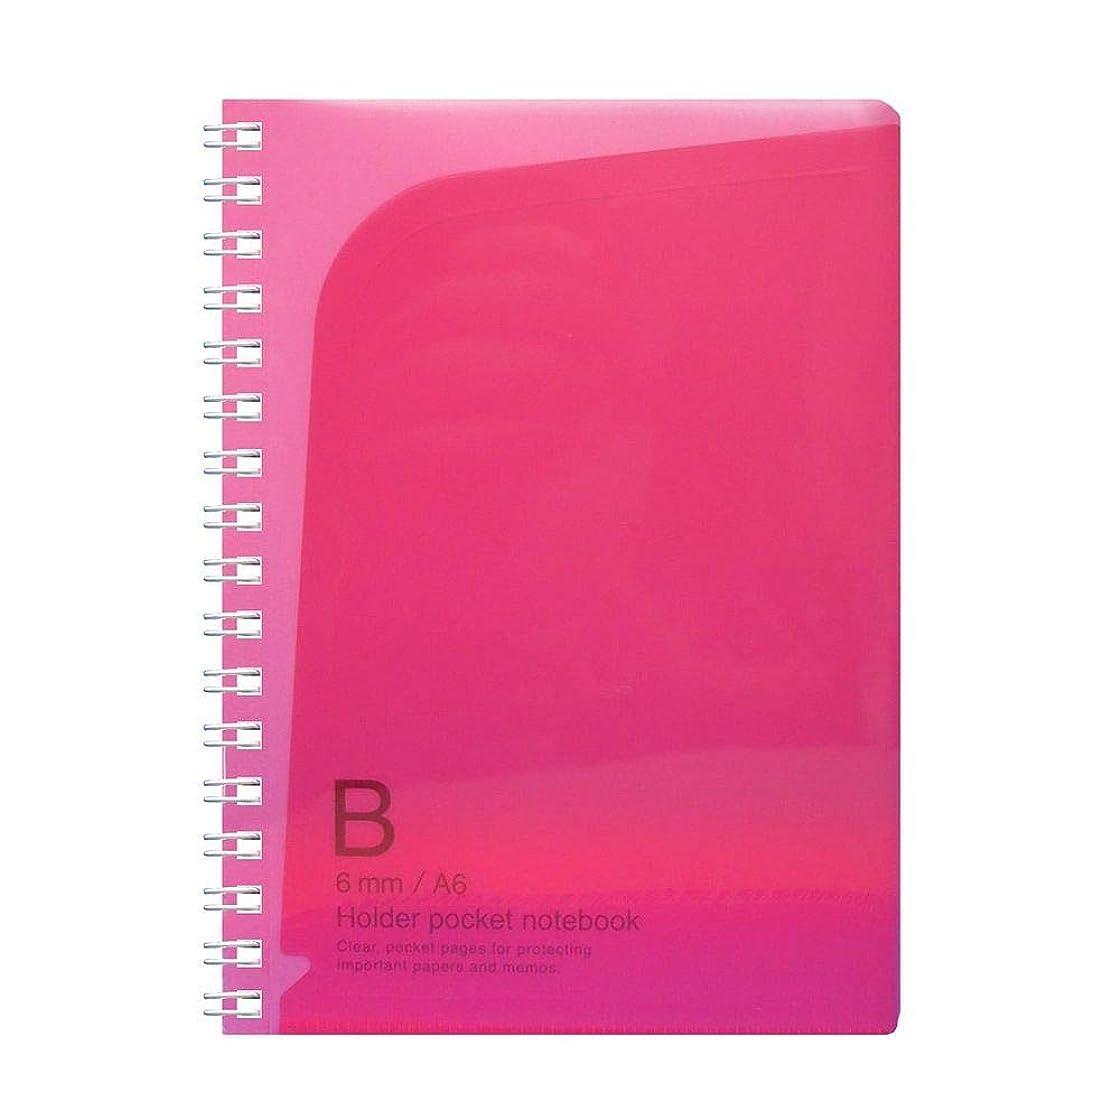 コクヨ ポケットノート ホルダータイプ B罫 A6 50枚 ピンク ノ-470P 【まとめ買い10冊セット】